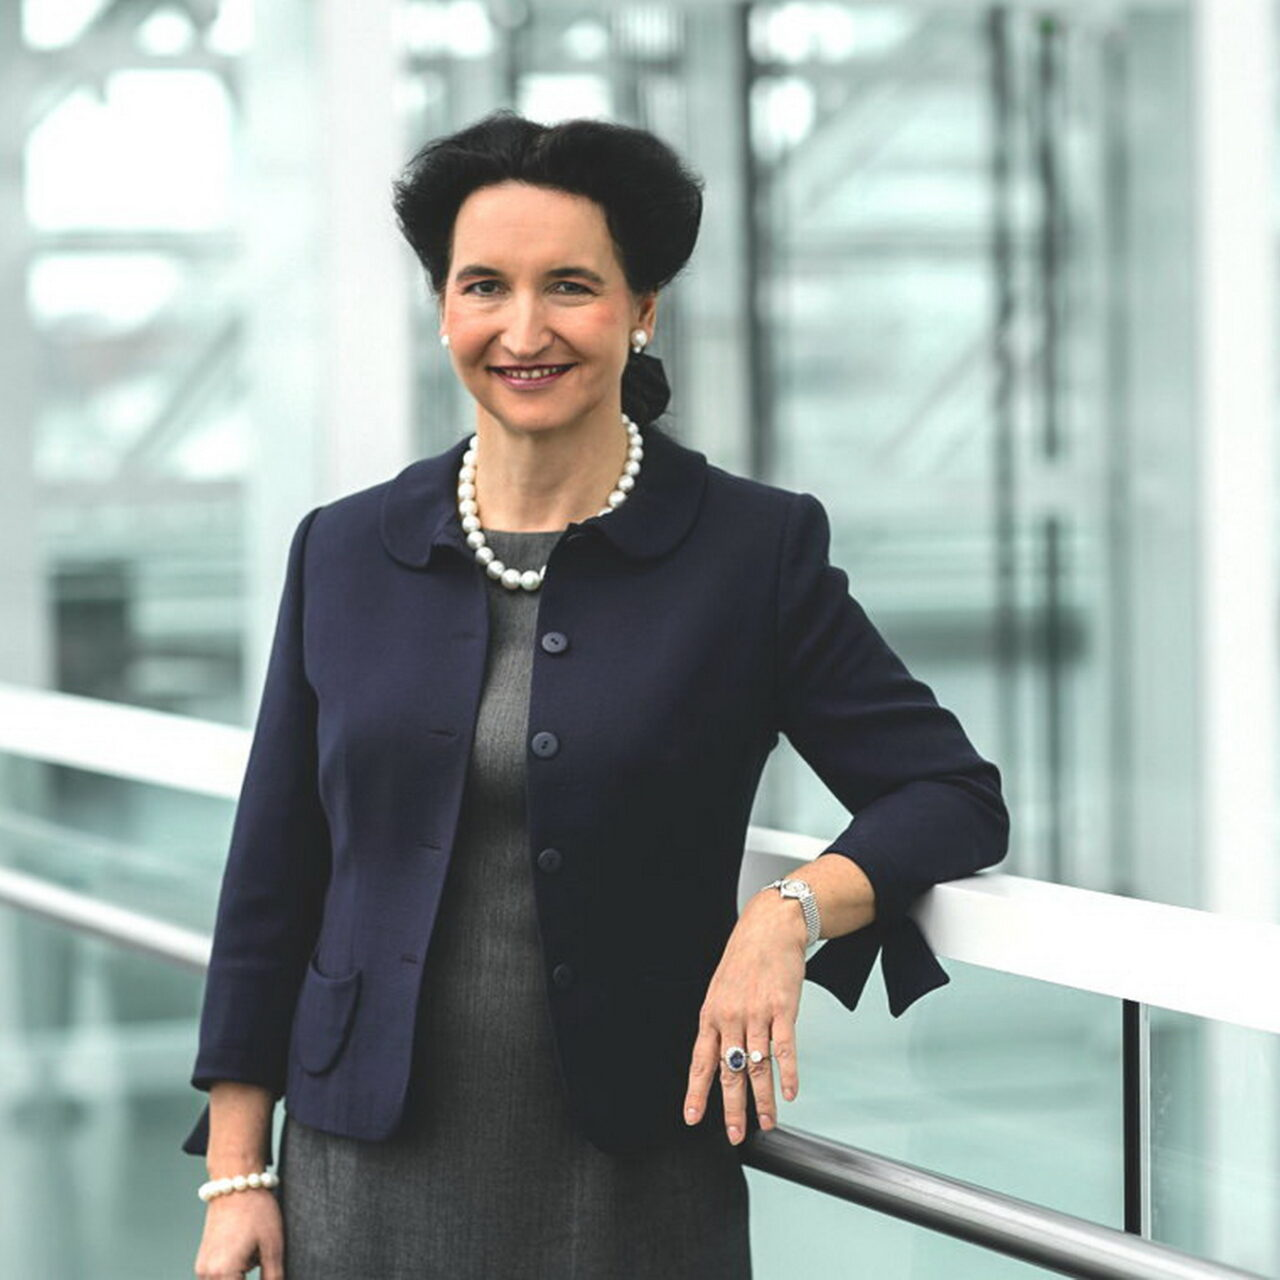 Carola von Schmettow trittab